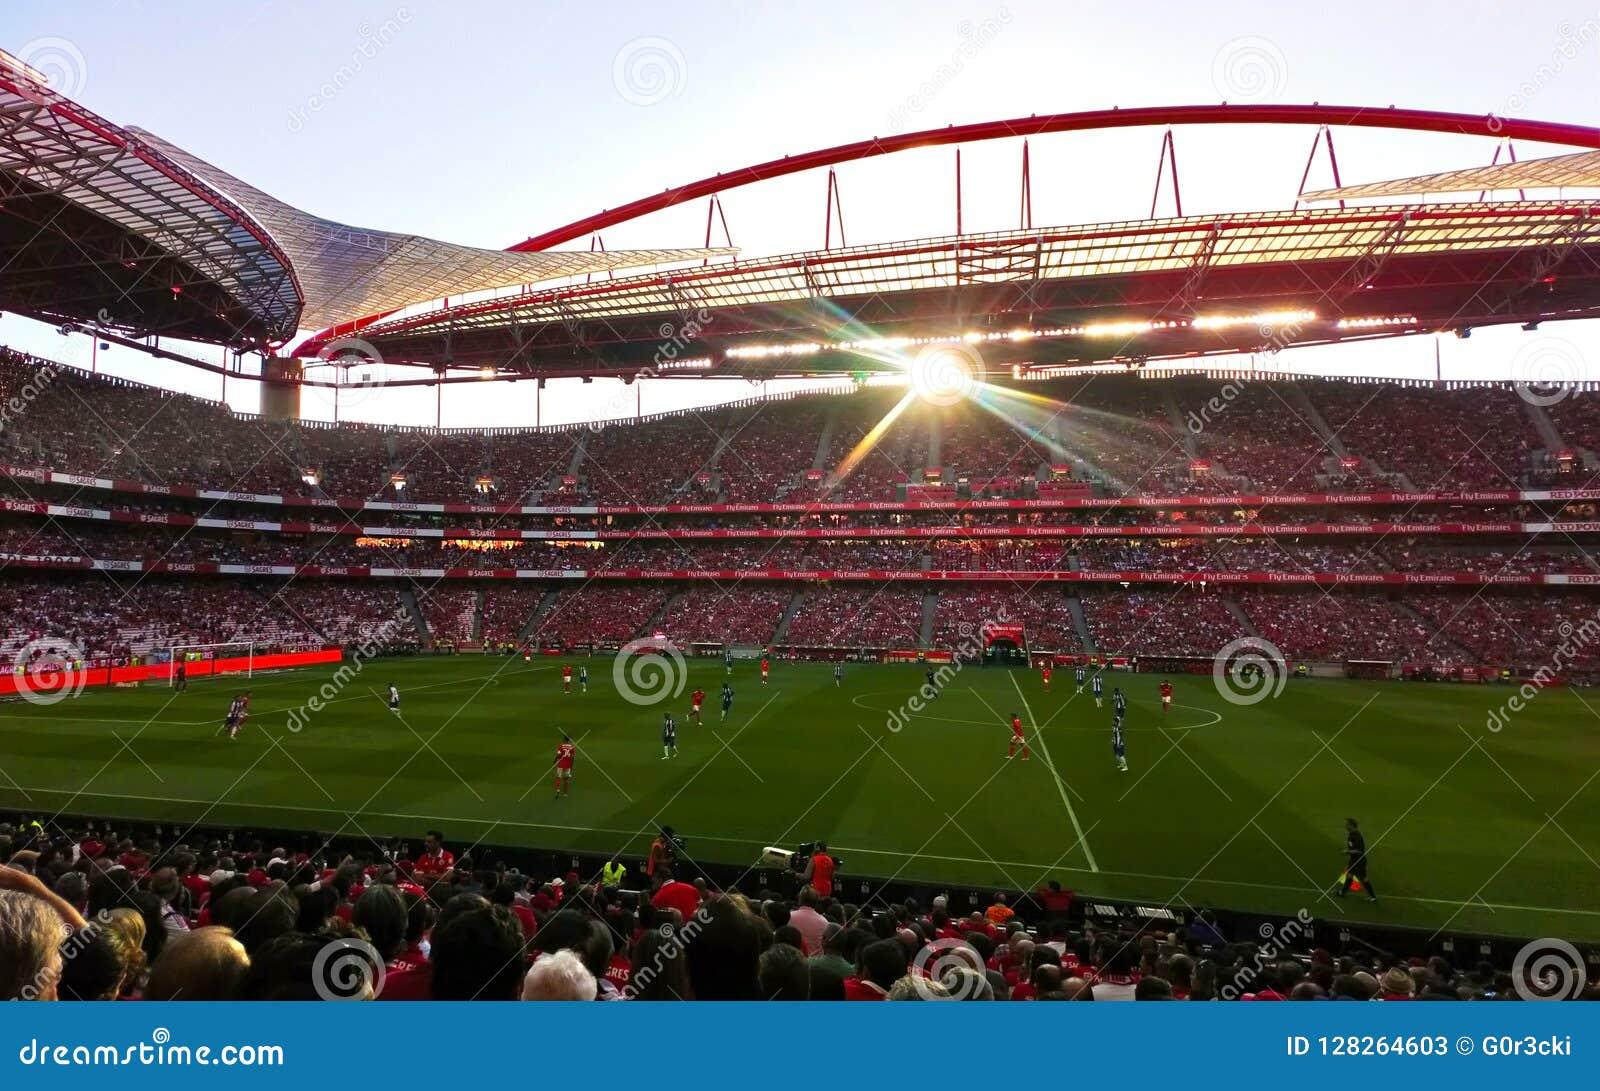 Stadio di calcio di Benfica, arena di calcio, folla, giocatori e gruppi europei rossi e blu degli arbitri,